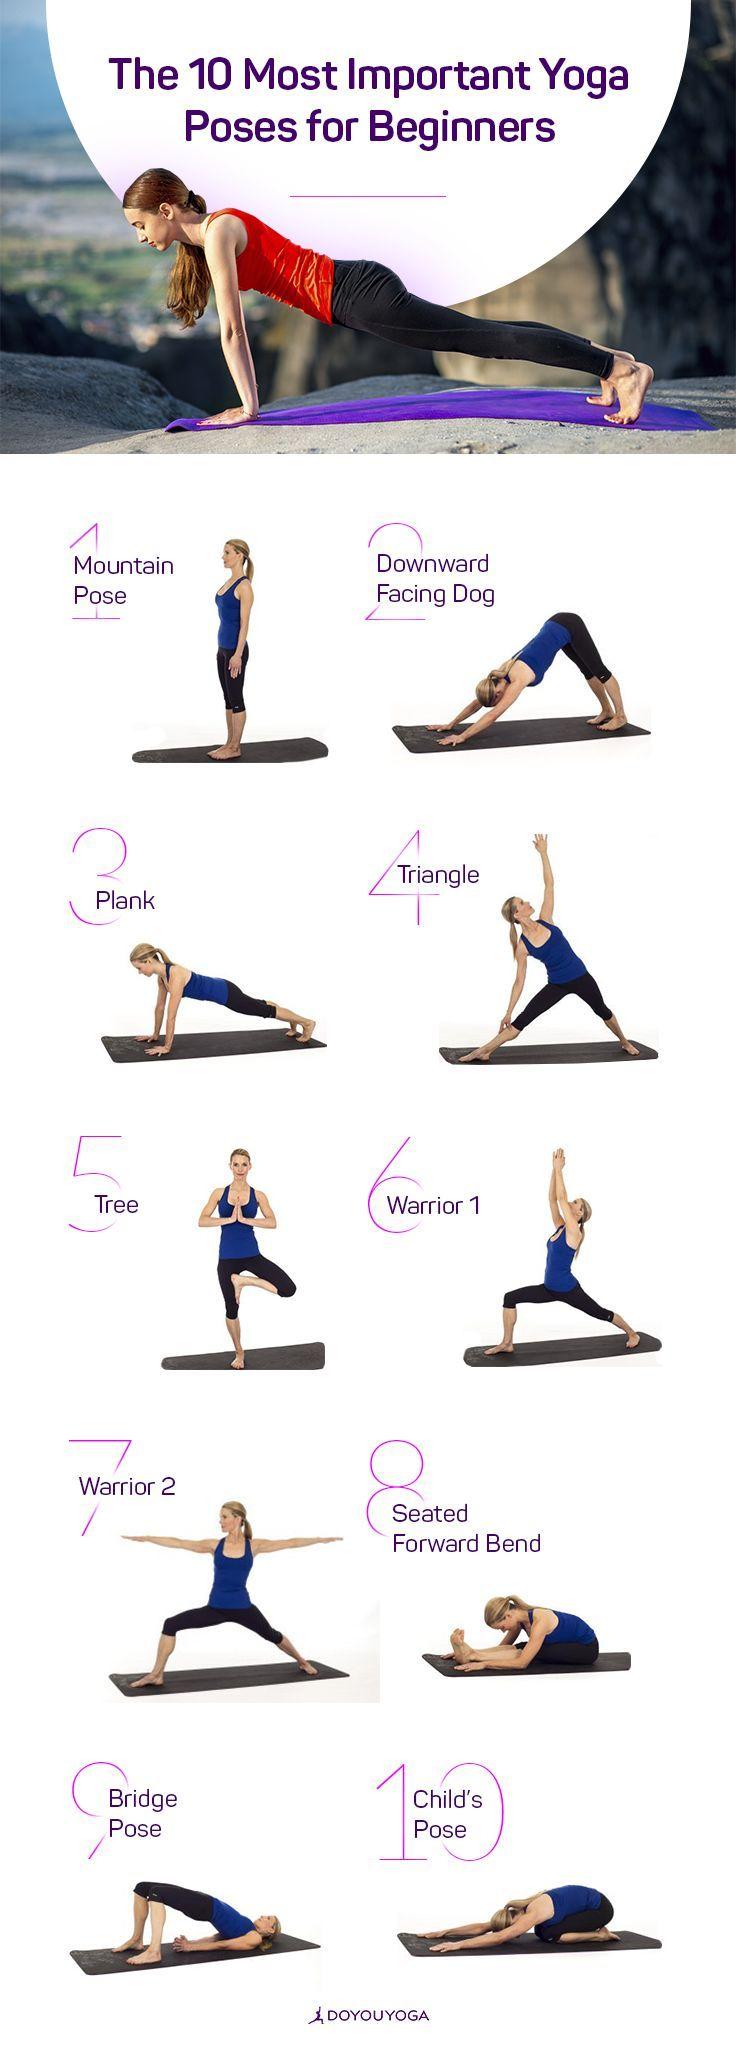 Neu bei Yoga? Sehen Sie sich die 10 wichtigsten Yoga-Posen für Anfänger an DOY…